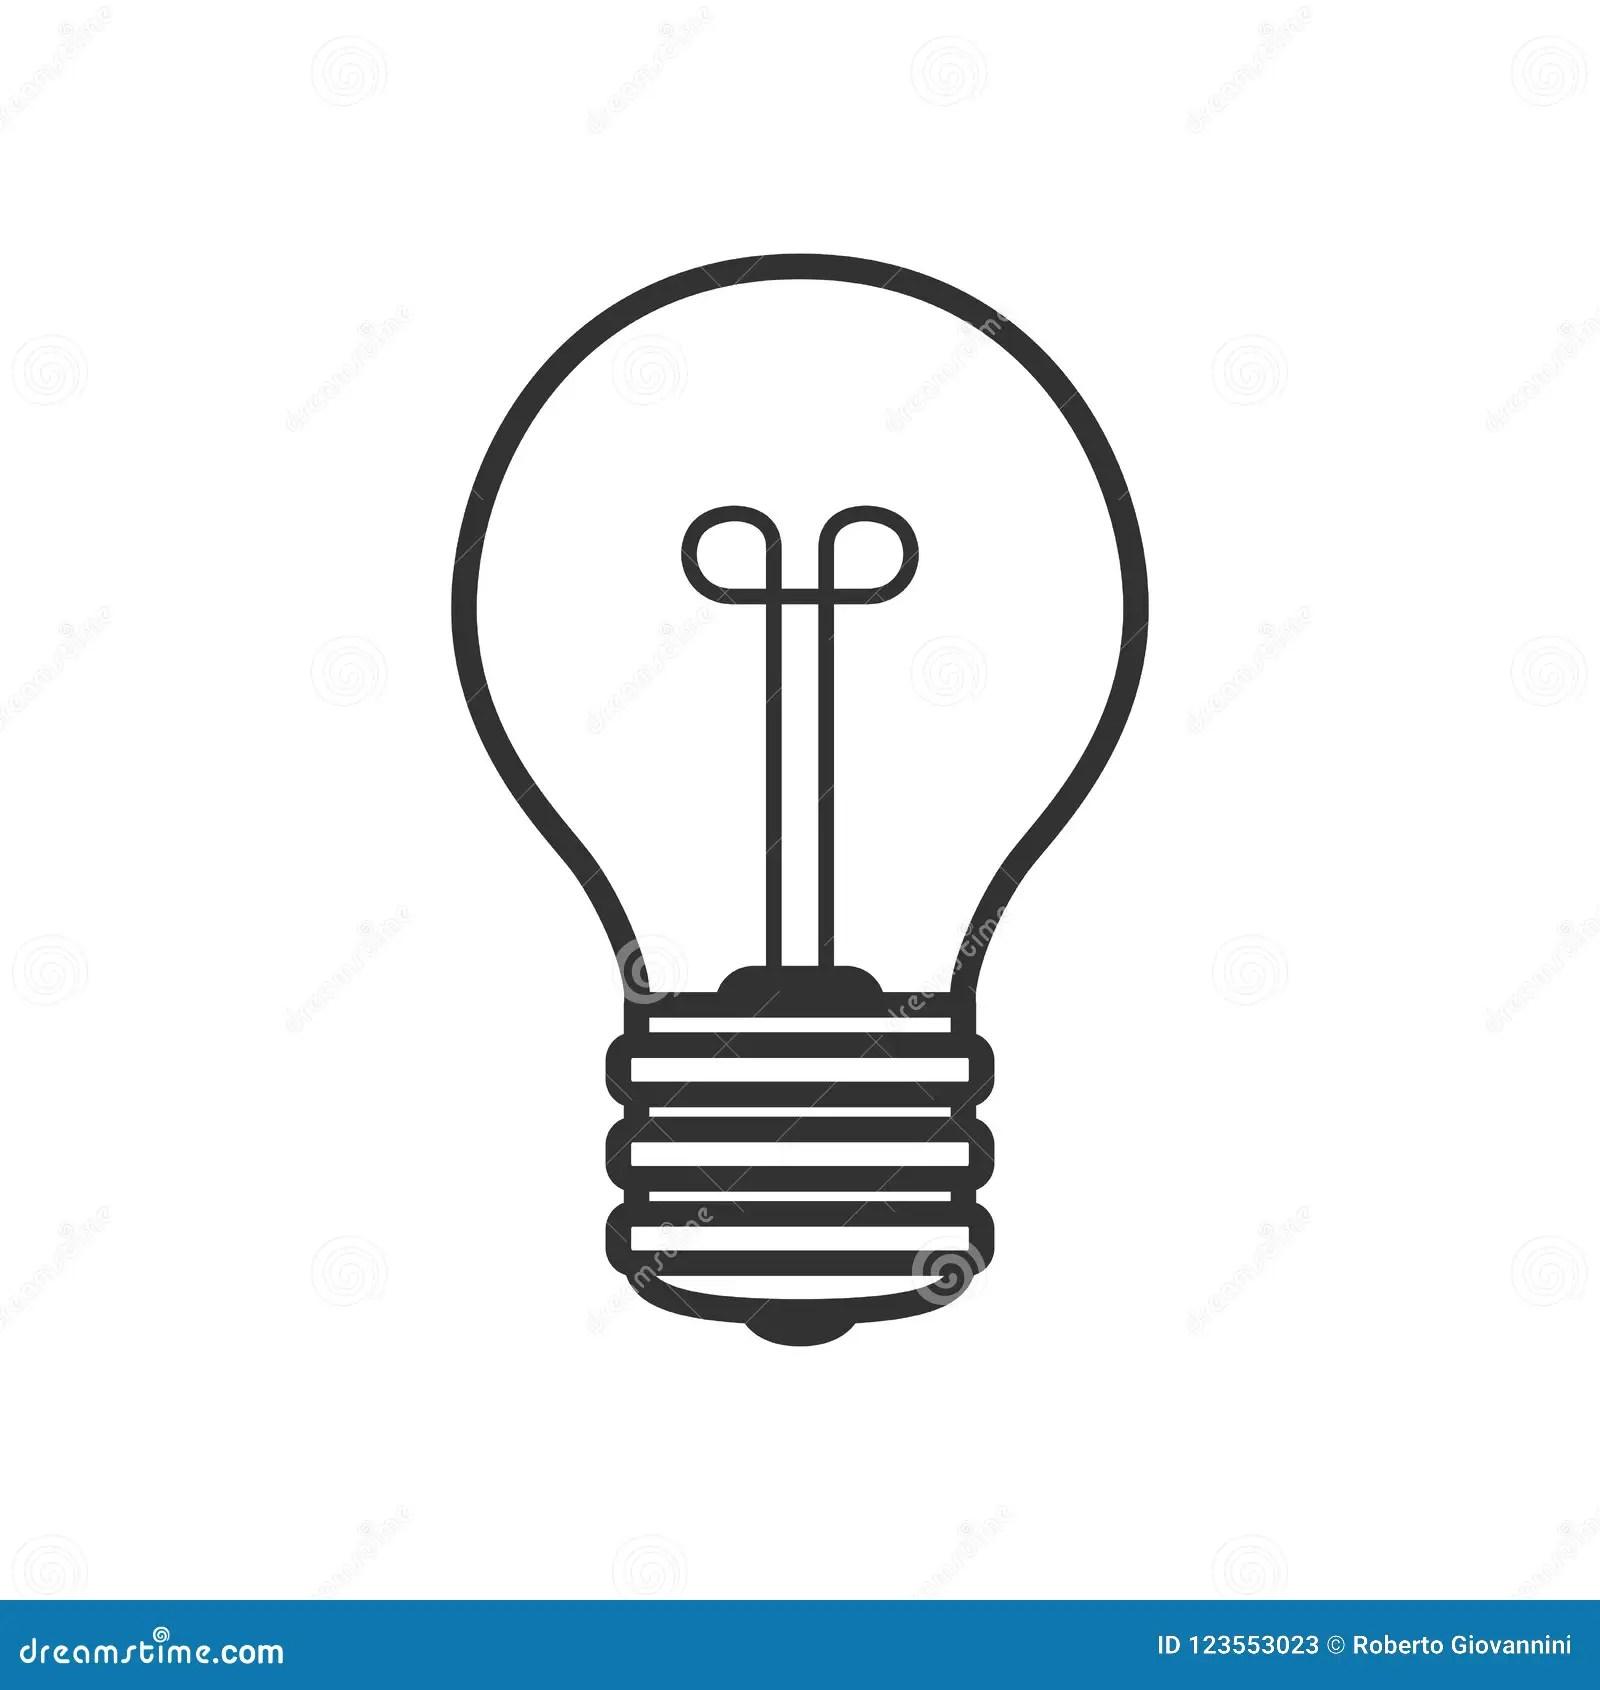 Light Bulb Outline Flat Icon On White Stock Vector